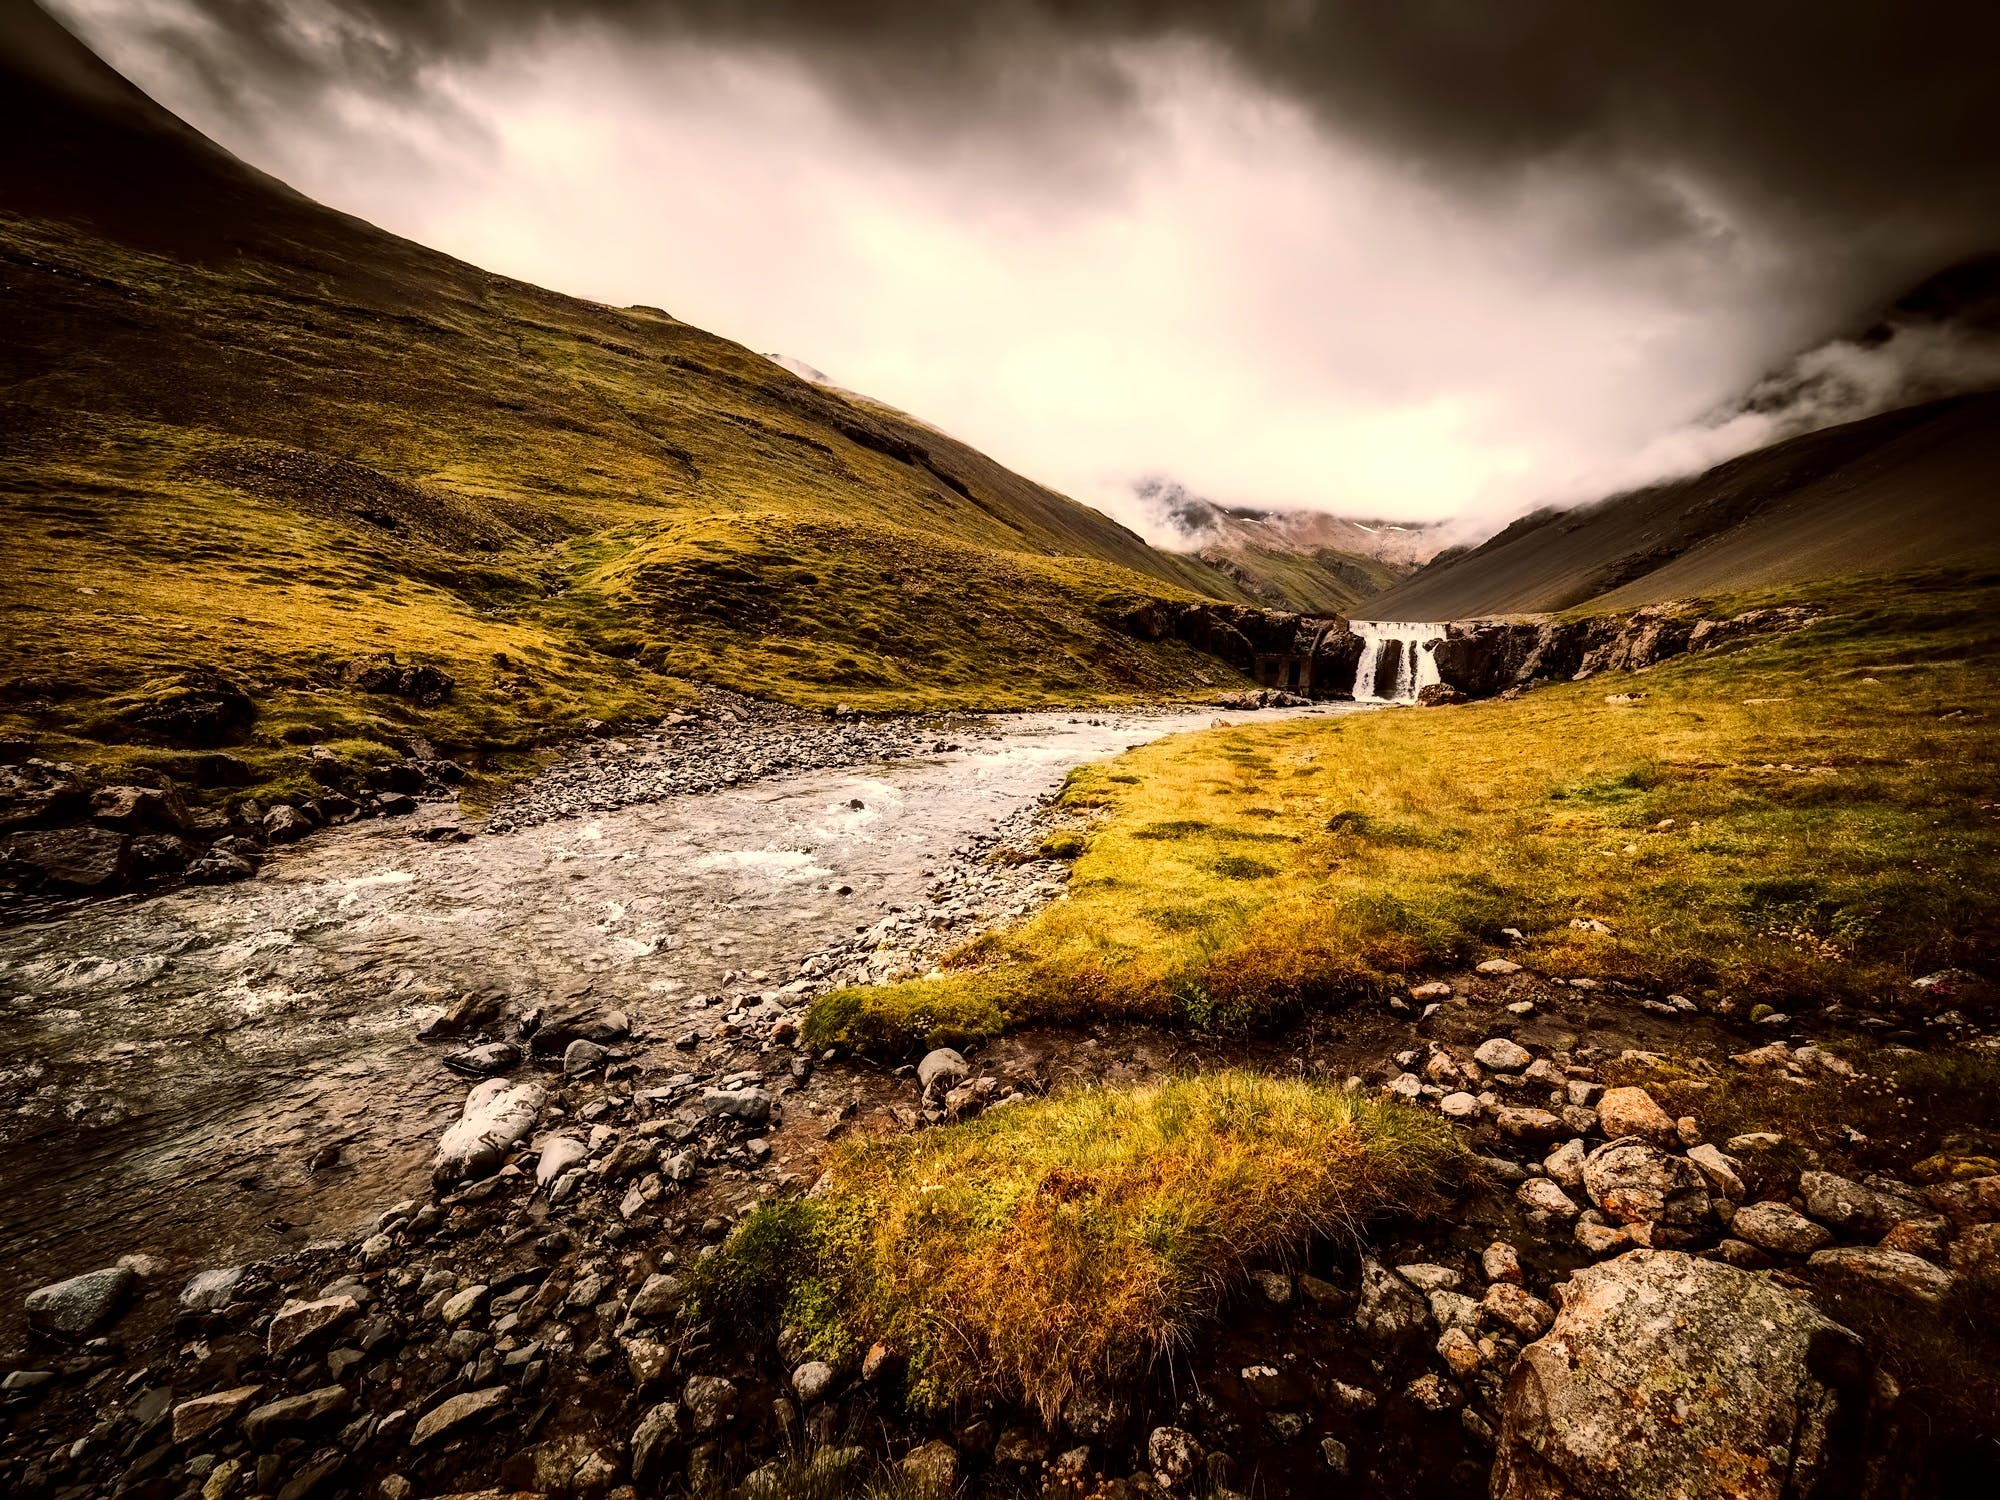 壞心情, 天性, 天空, 寧靜 的 免費圖庫相片